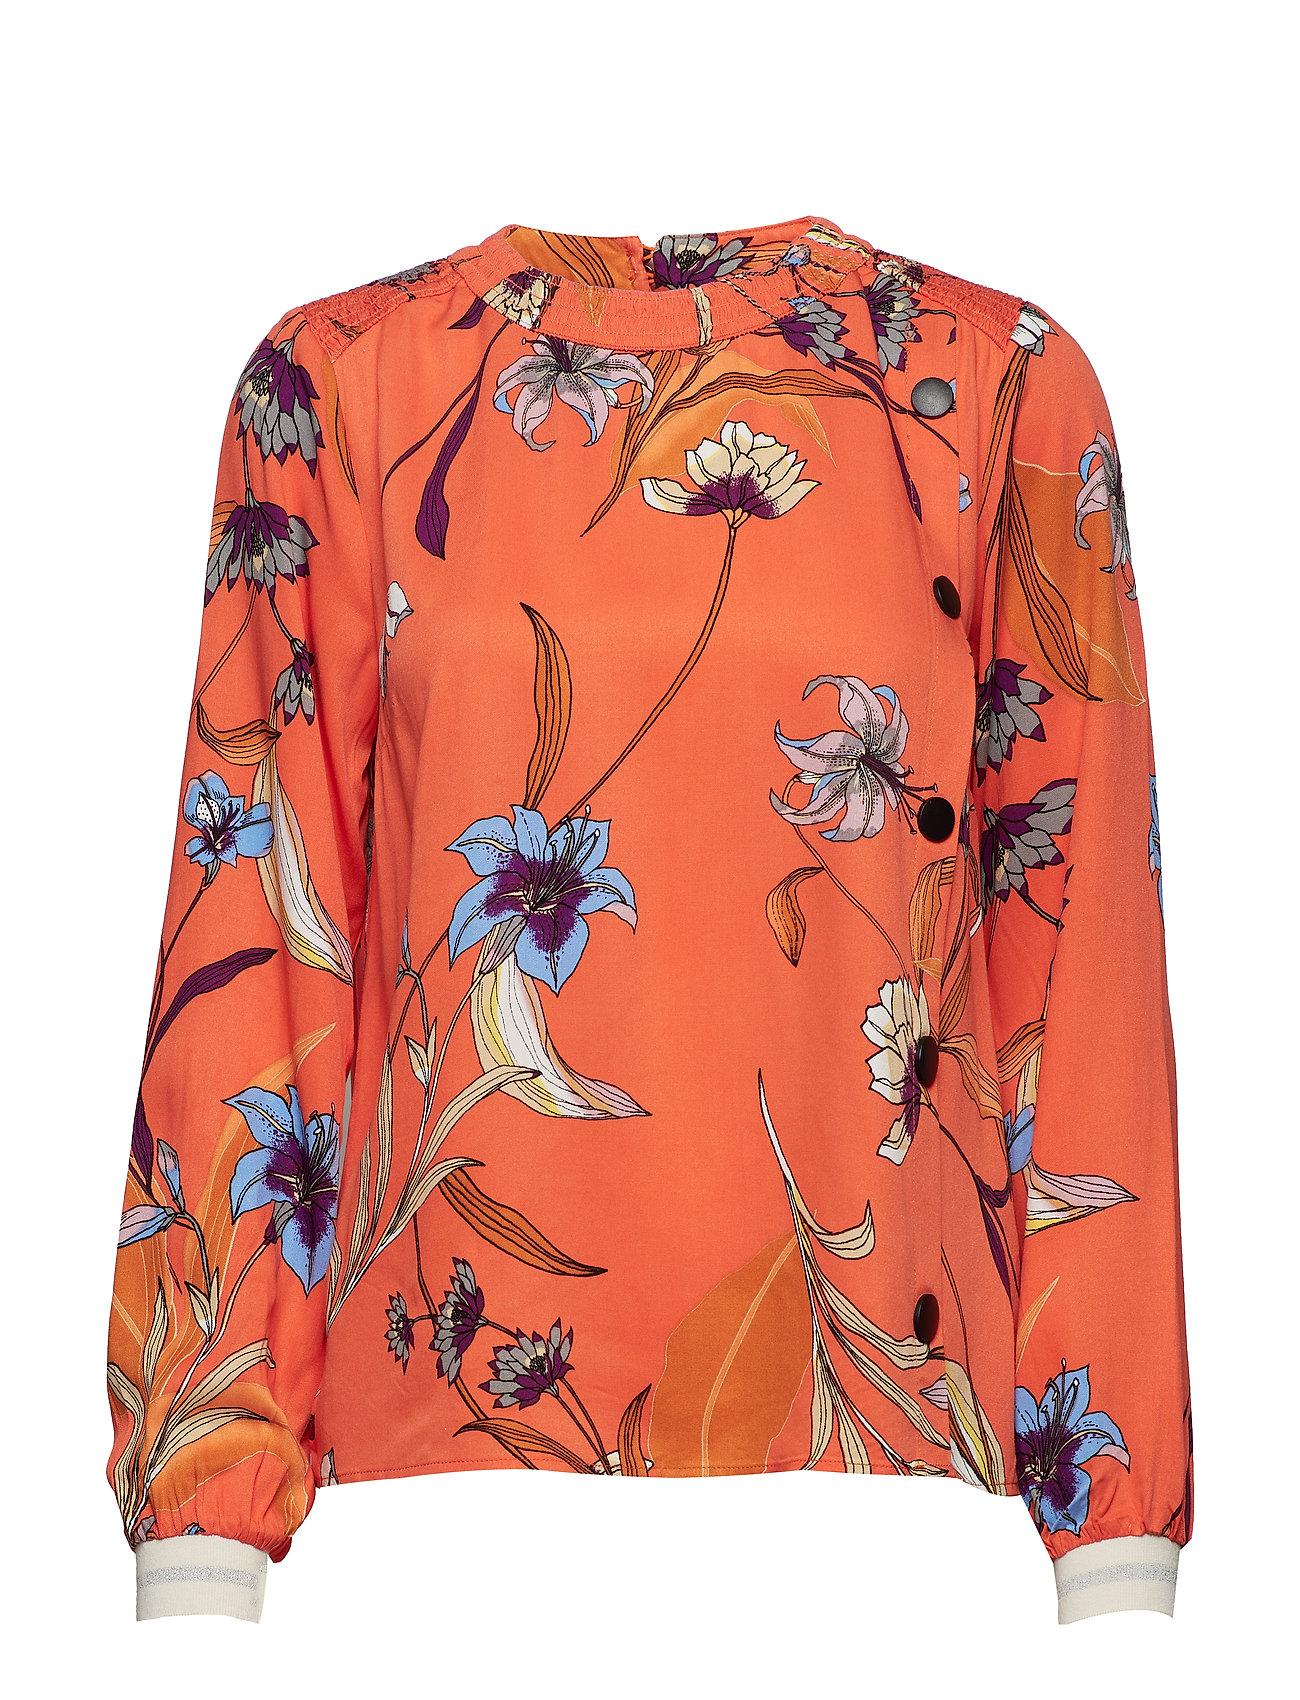 Pzsigne s Shirt Aopvermillion Jeans L OrangePulz hQsCtrdx